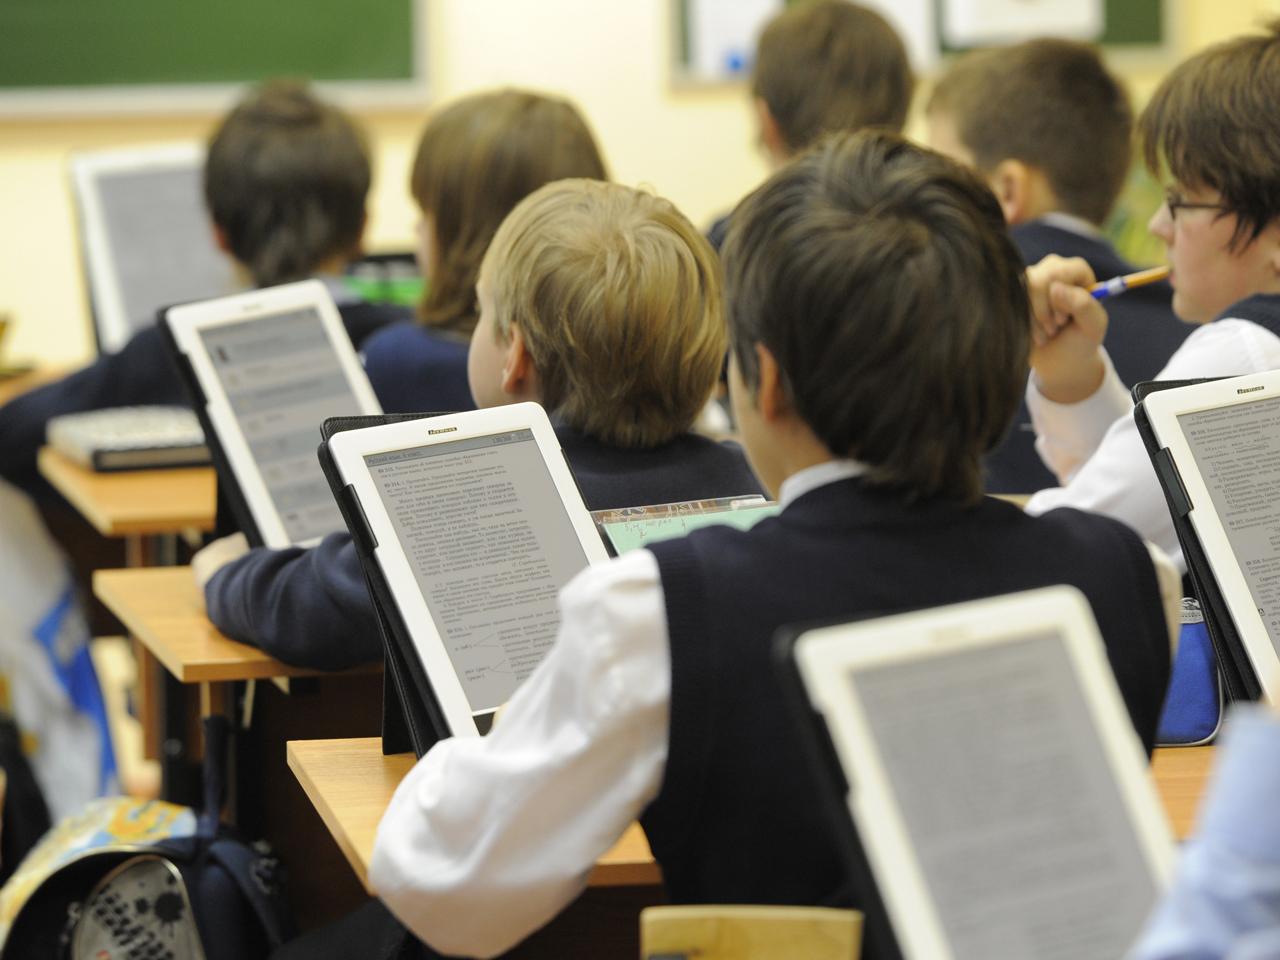 Гаджеты в руках школьника – электронные книги